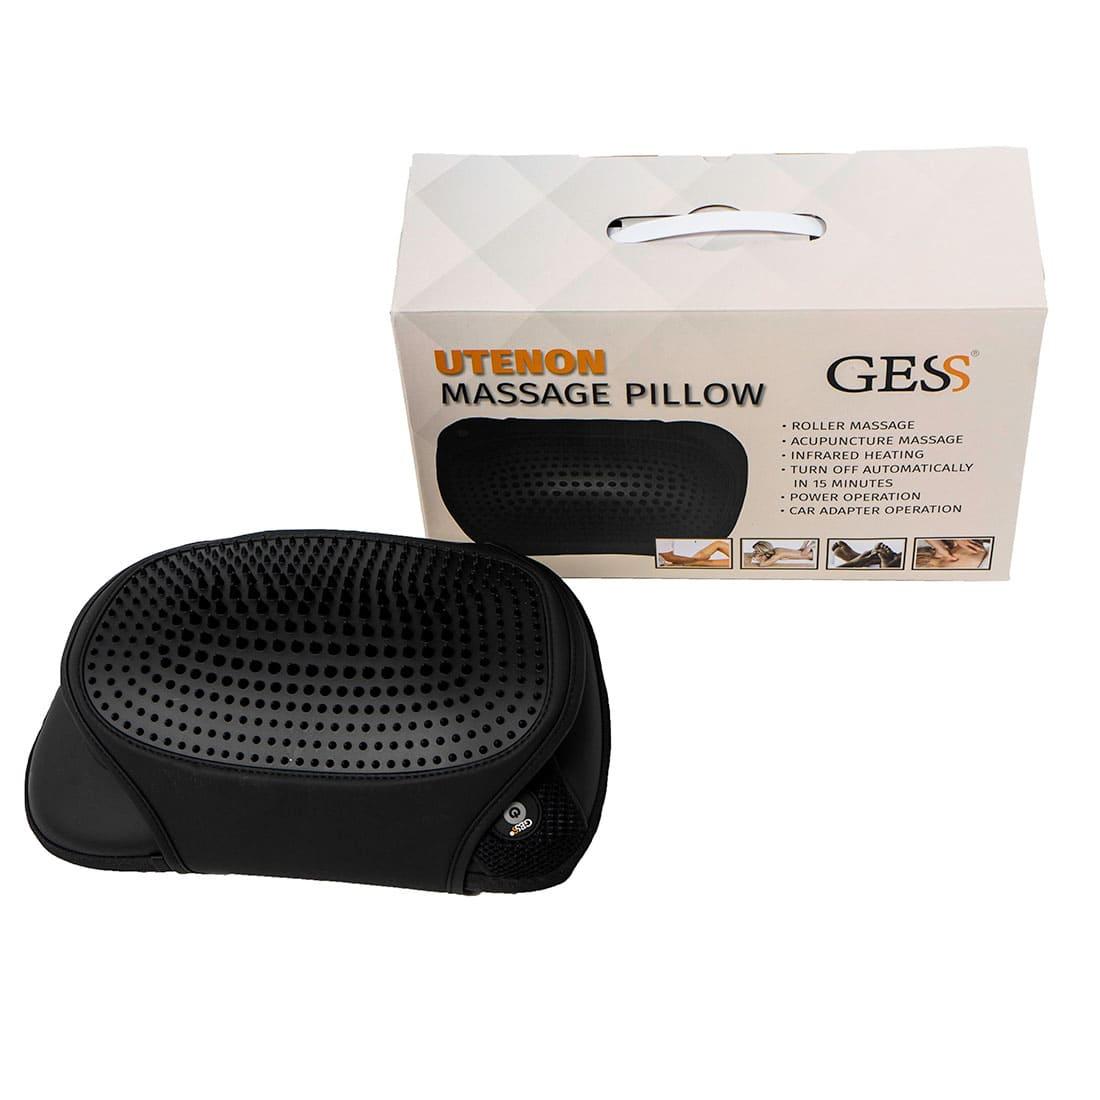 uTenon (черная) массажная подушка для шеи с акупунктурной накидкой